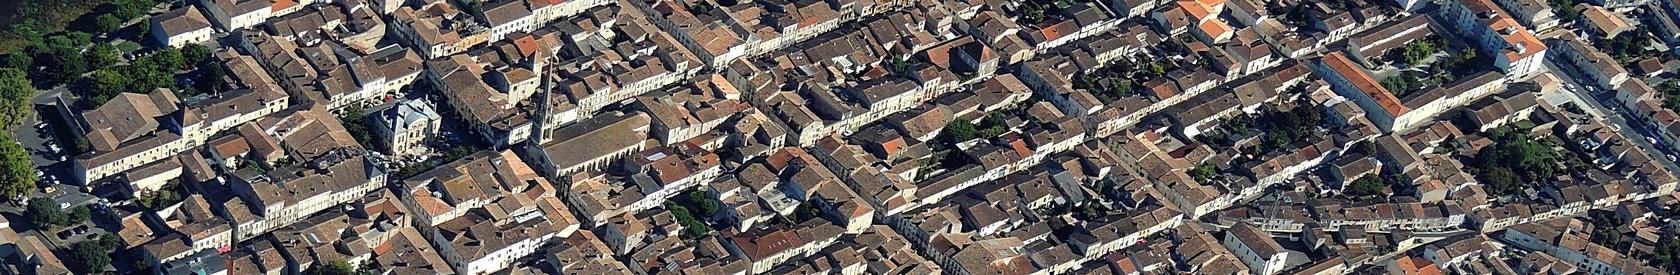 Sainte-Foy-la-Grande